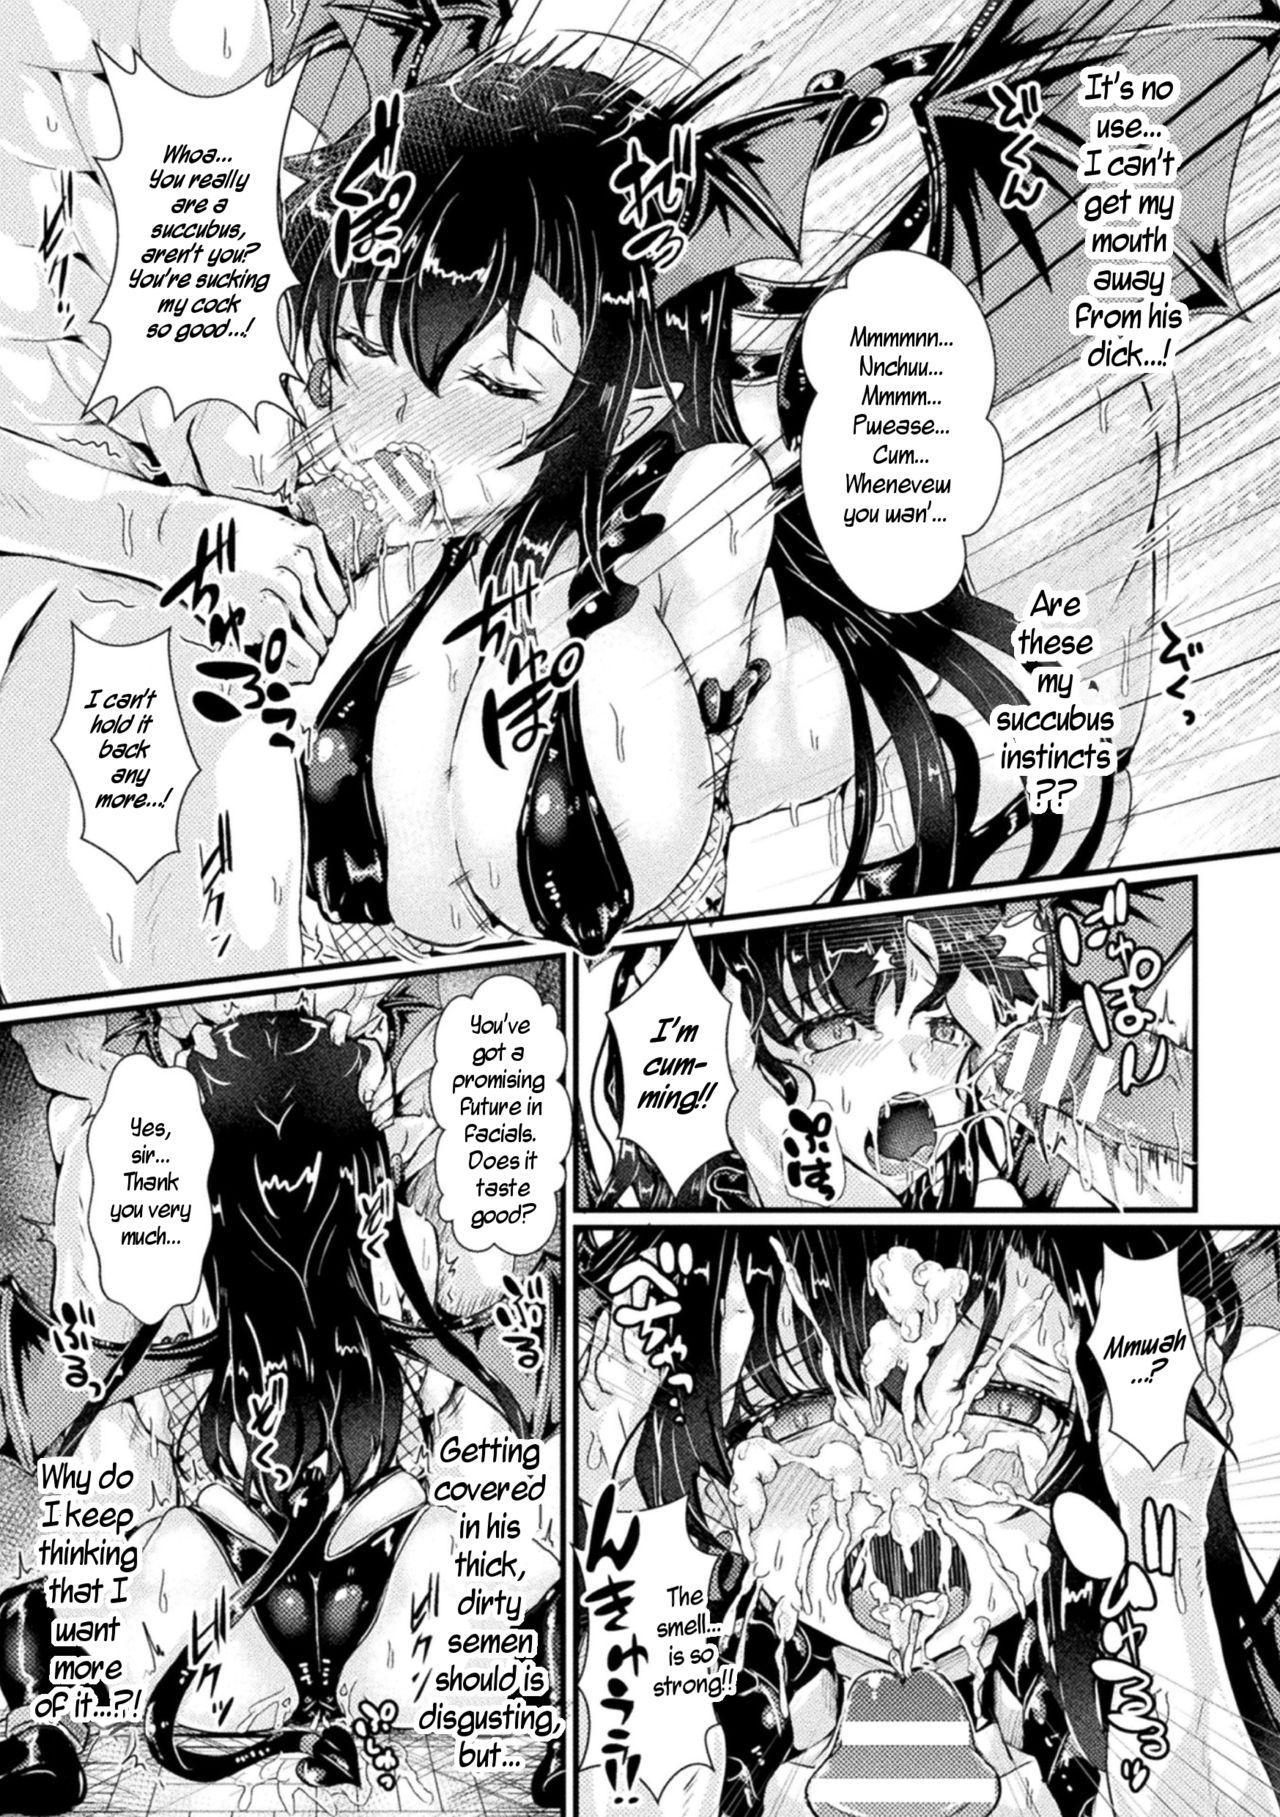 Nyotaika Kishi no Junan Inma Baishunfu Ochi   The Passion of the Feminized Knight/Fallen Succubus Whore 6